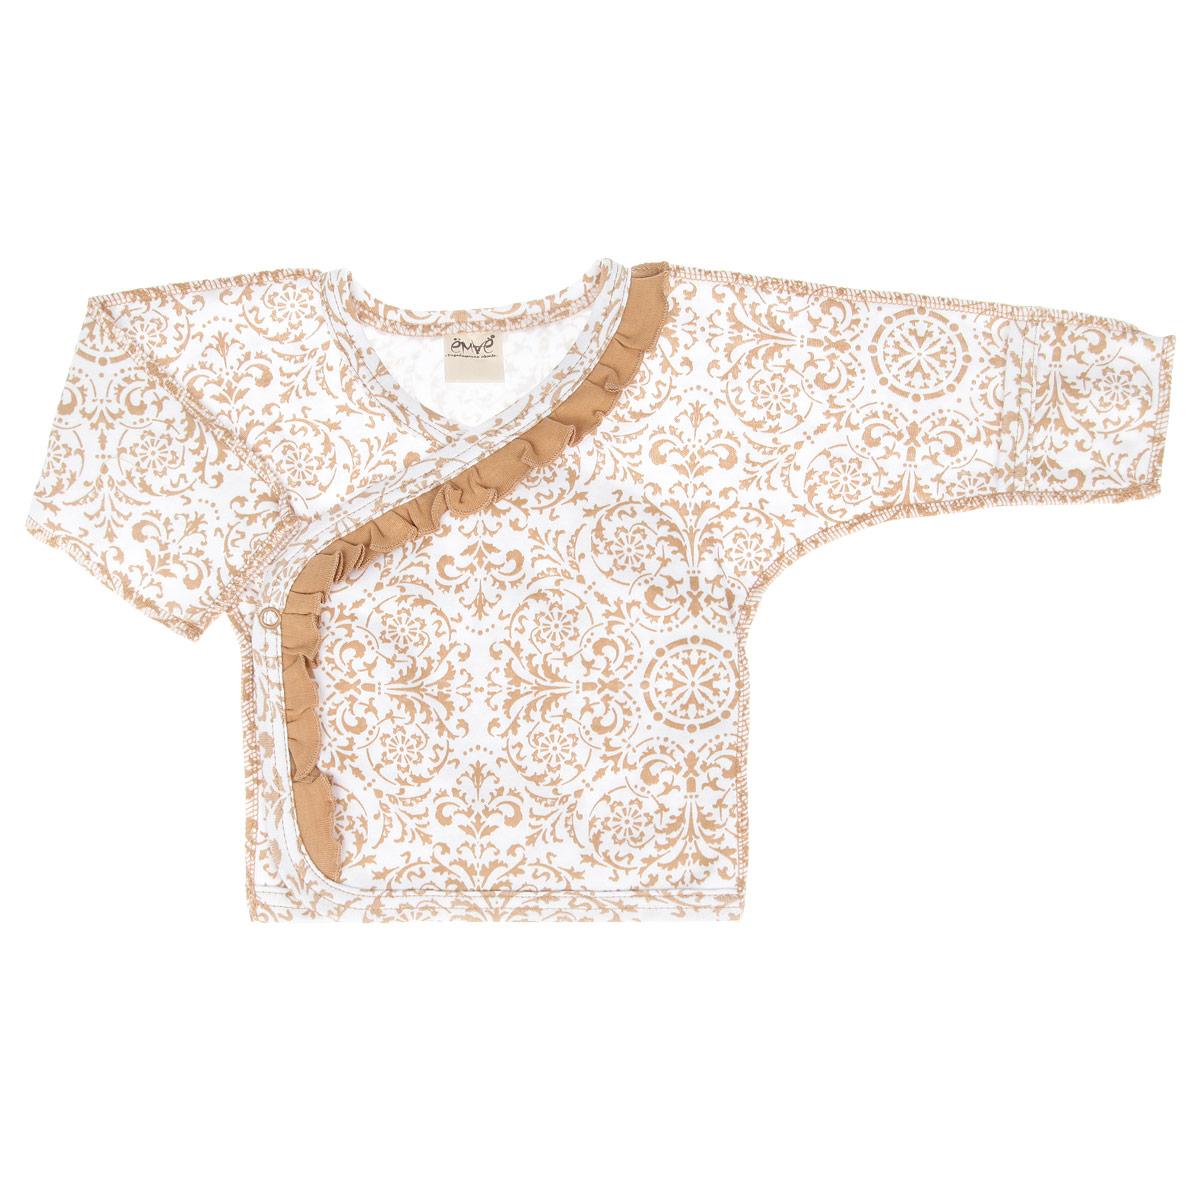 Распашонка-кимоно для девочки. 23-21523-215Распашонка для девочки Ёмаё послужит идеальным дополнением к гардеробу вашей малышки, обеспечивая ей наибольший комфорт. Изготовленная из натурального хлопка - интерлока, она необычайно мягкая и легкая, не раздражает нежную кожу ребенка и хорошо вентилируется, а эластичные швы приятны телу ребенка и не препятствуют его движениям. Распашонка-кимоно с длинными рукавами и V-образным вырезом горловины выполнена швами наружу. Благодаря системе застежек-кнопок по принципу кимоно переодеть кроху будет легко. Рукава дополнены отворотами, которые можно использовать в качестве рукавичек, и ребенок не поцарапает себя. Оформлено изделие ненавязчивым орнаментом и украшено рюшами. Распашонка полностью соответствует особенностям жизни ребенка в ранний период, не стесняя и не ограничивая его в движениях. В ней ваш ребенок всегда будет в центре внимания.